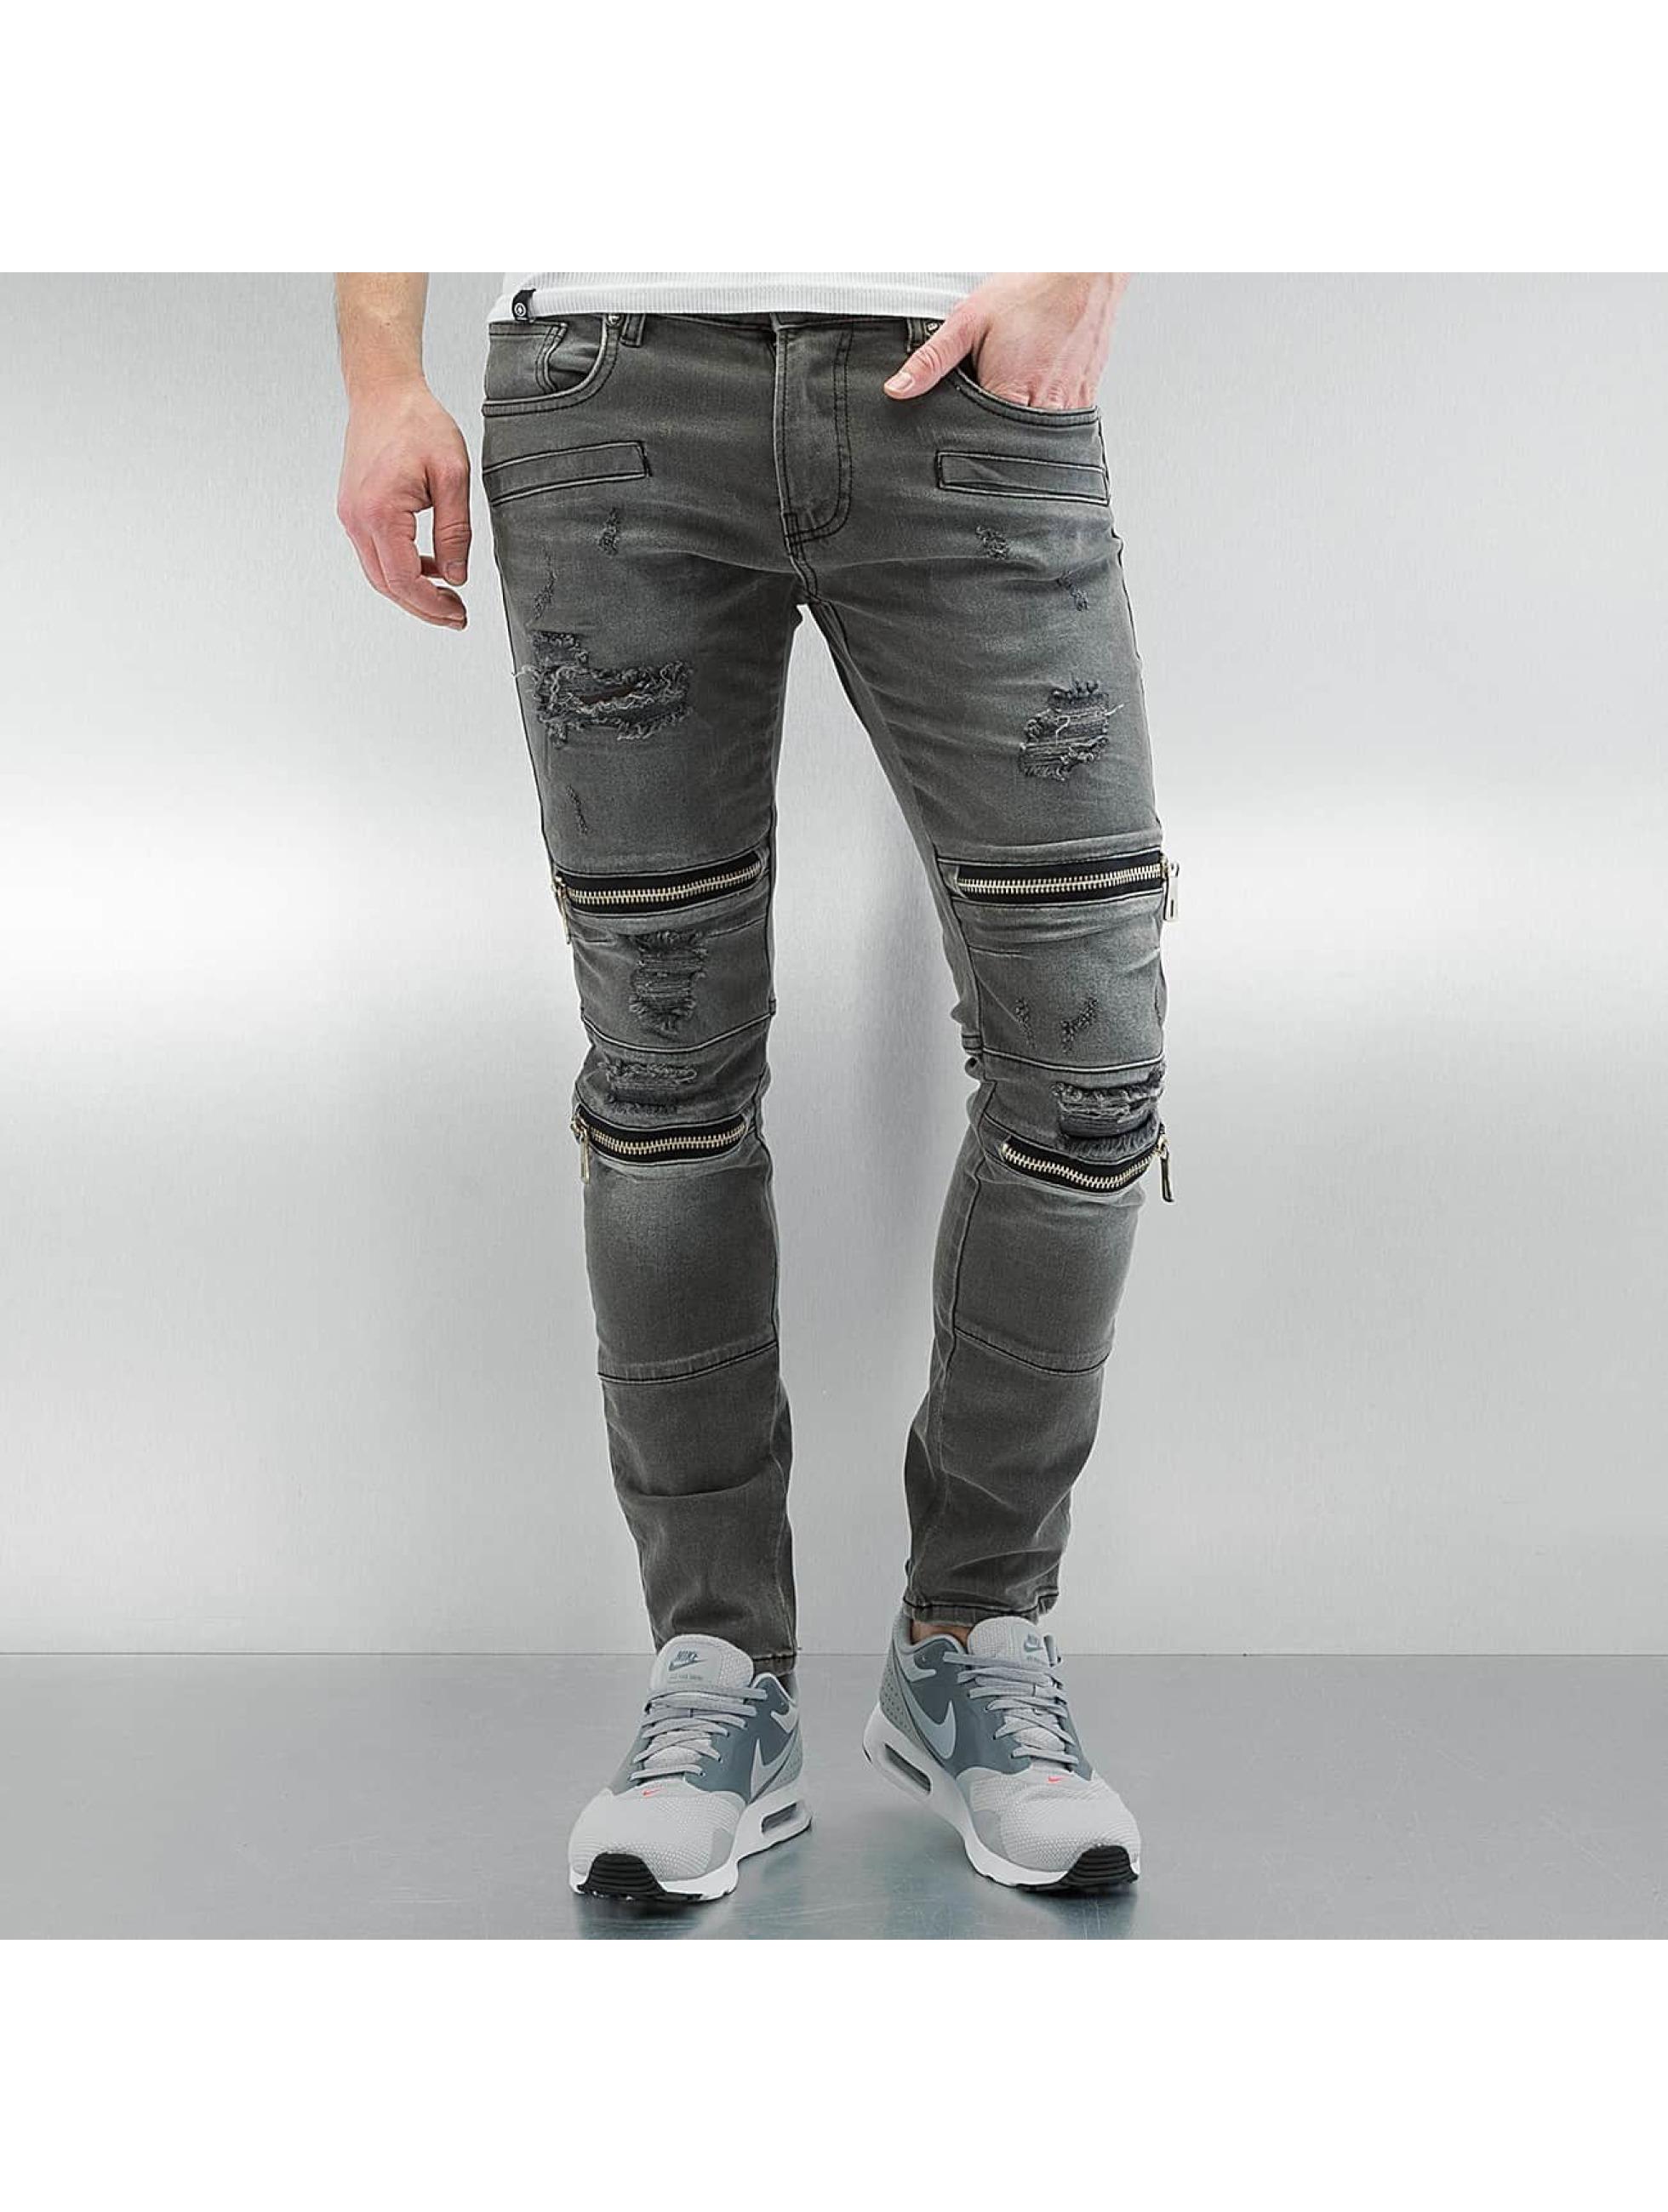 Skinny Jeans Braga in grau